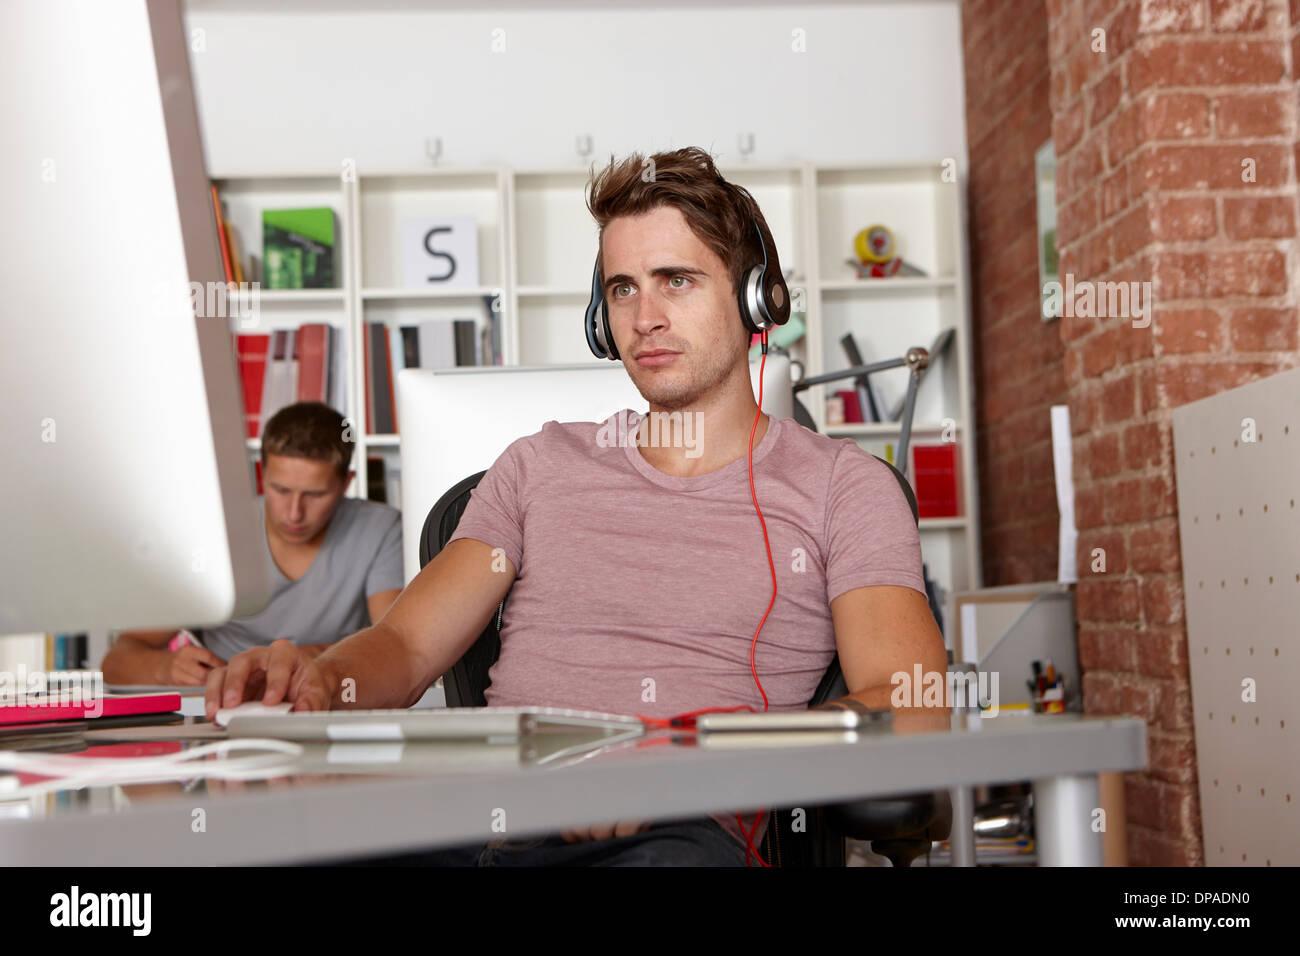 Joven en el trabajo usando audífonos Imagen De Stock